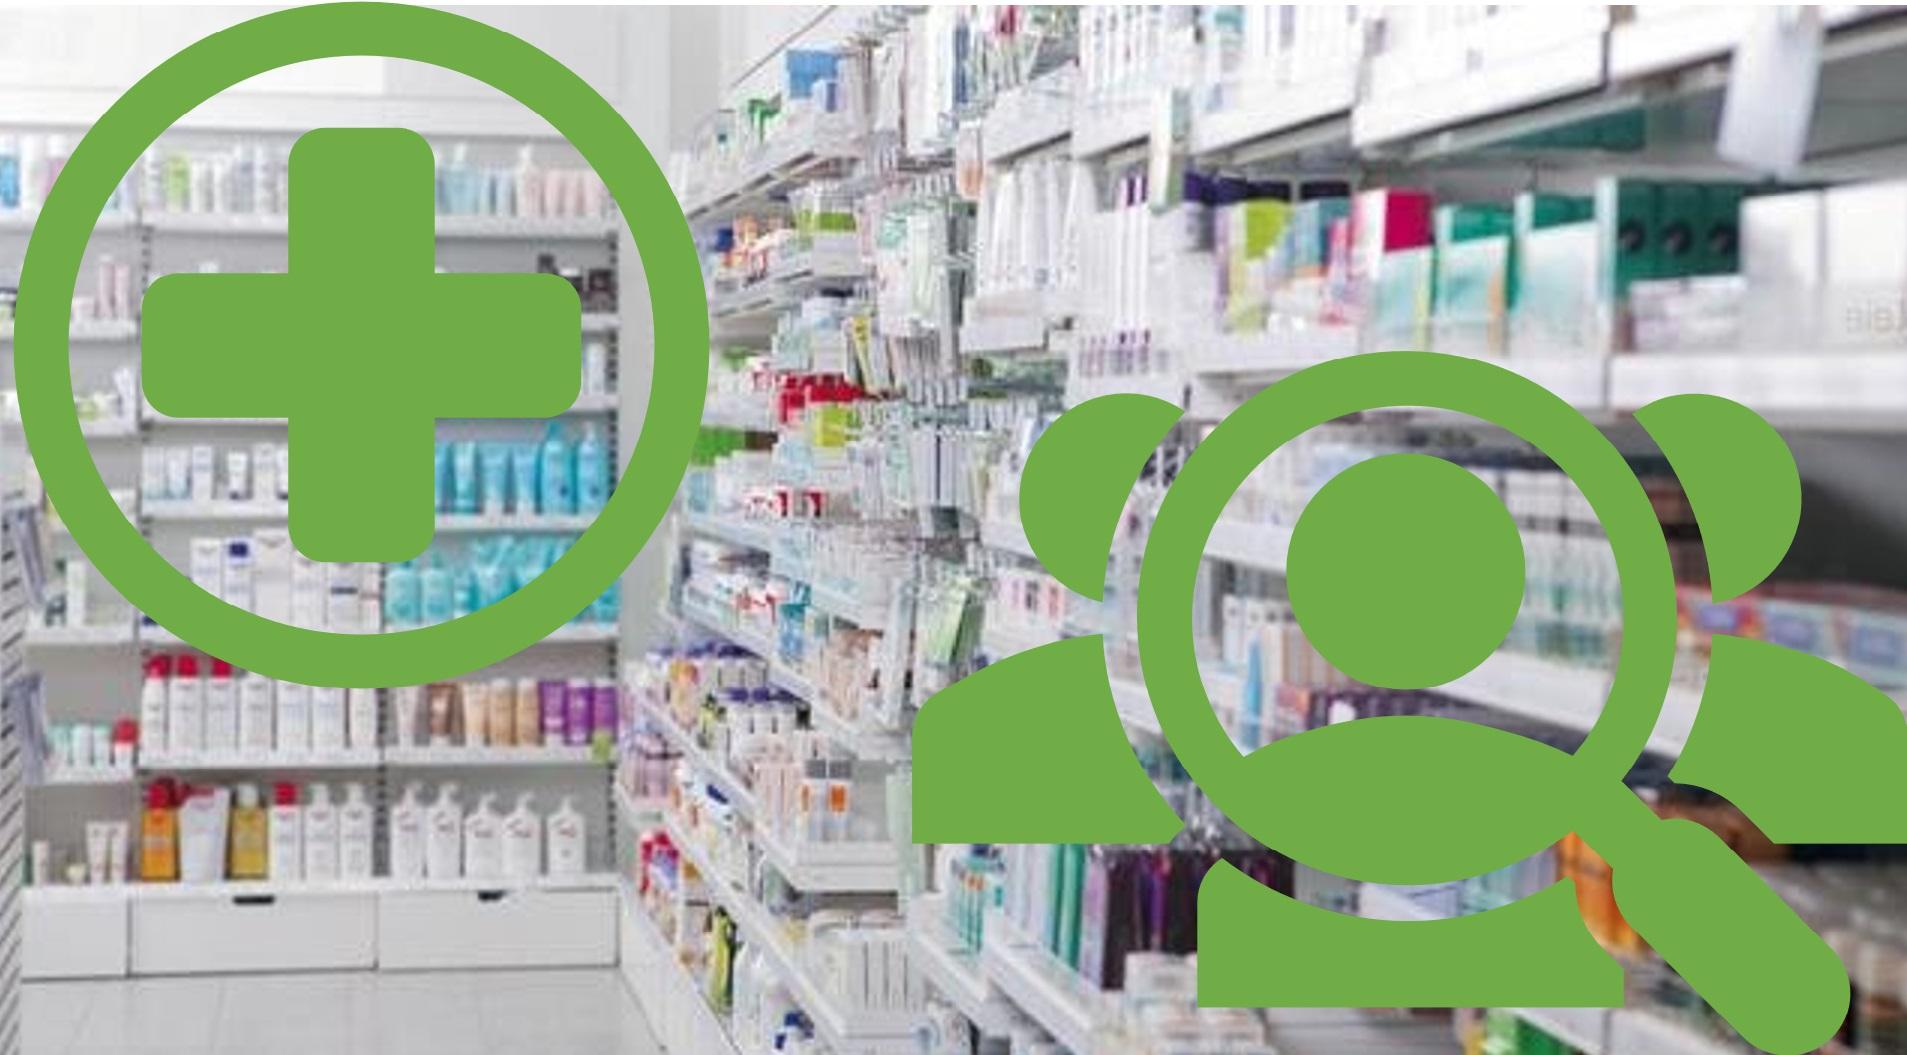 El sector de la industria farmacéutica es uno de los más interesados en el compliance.